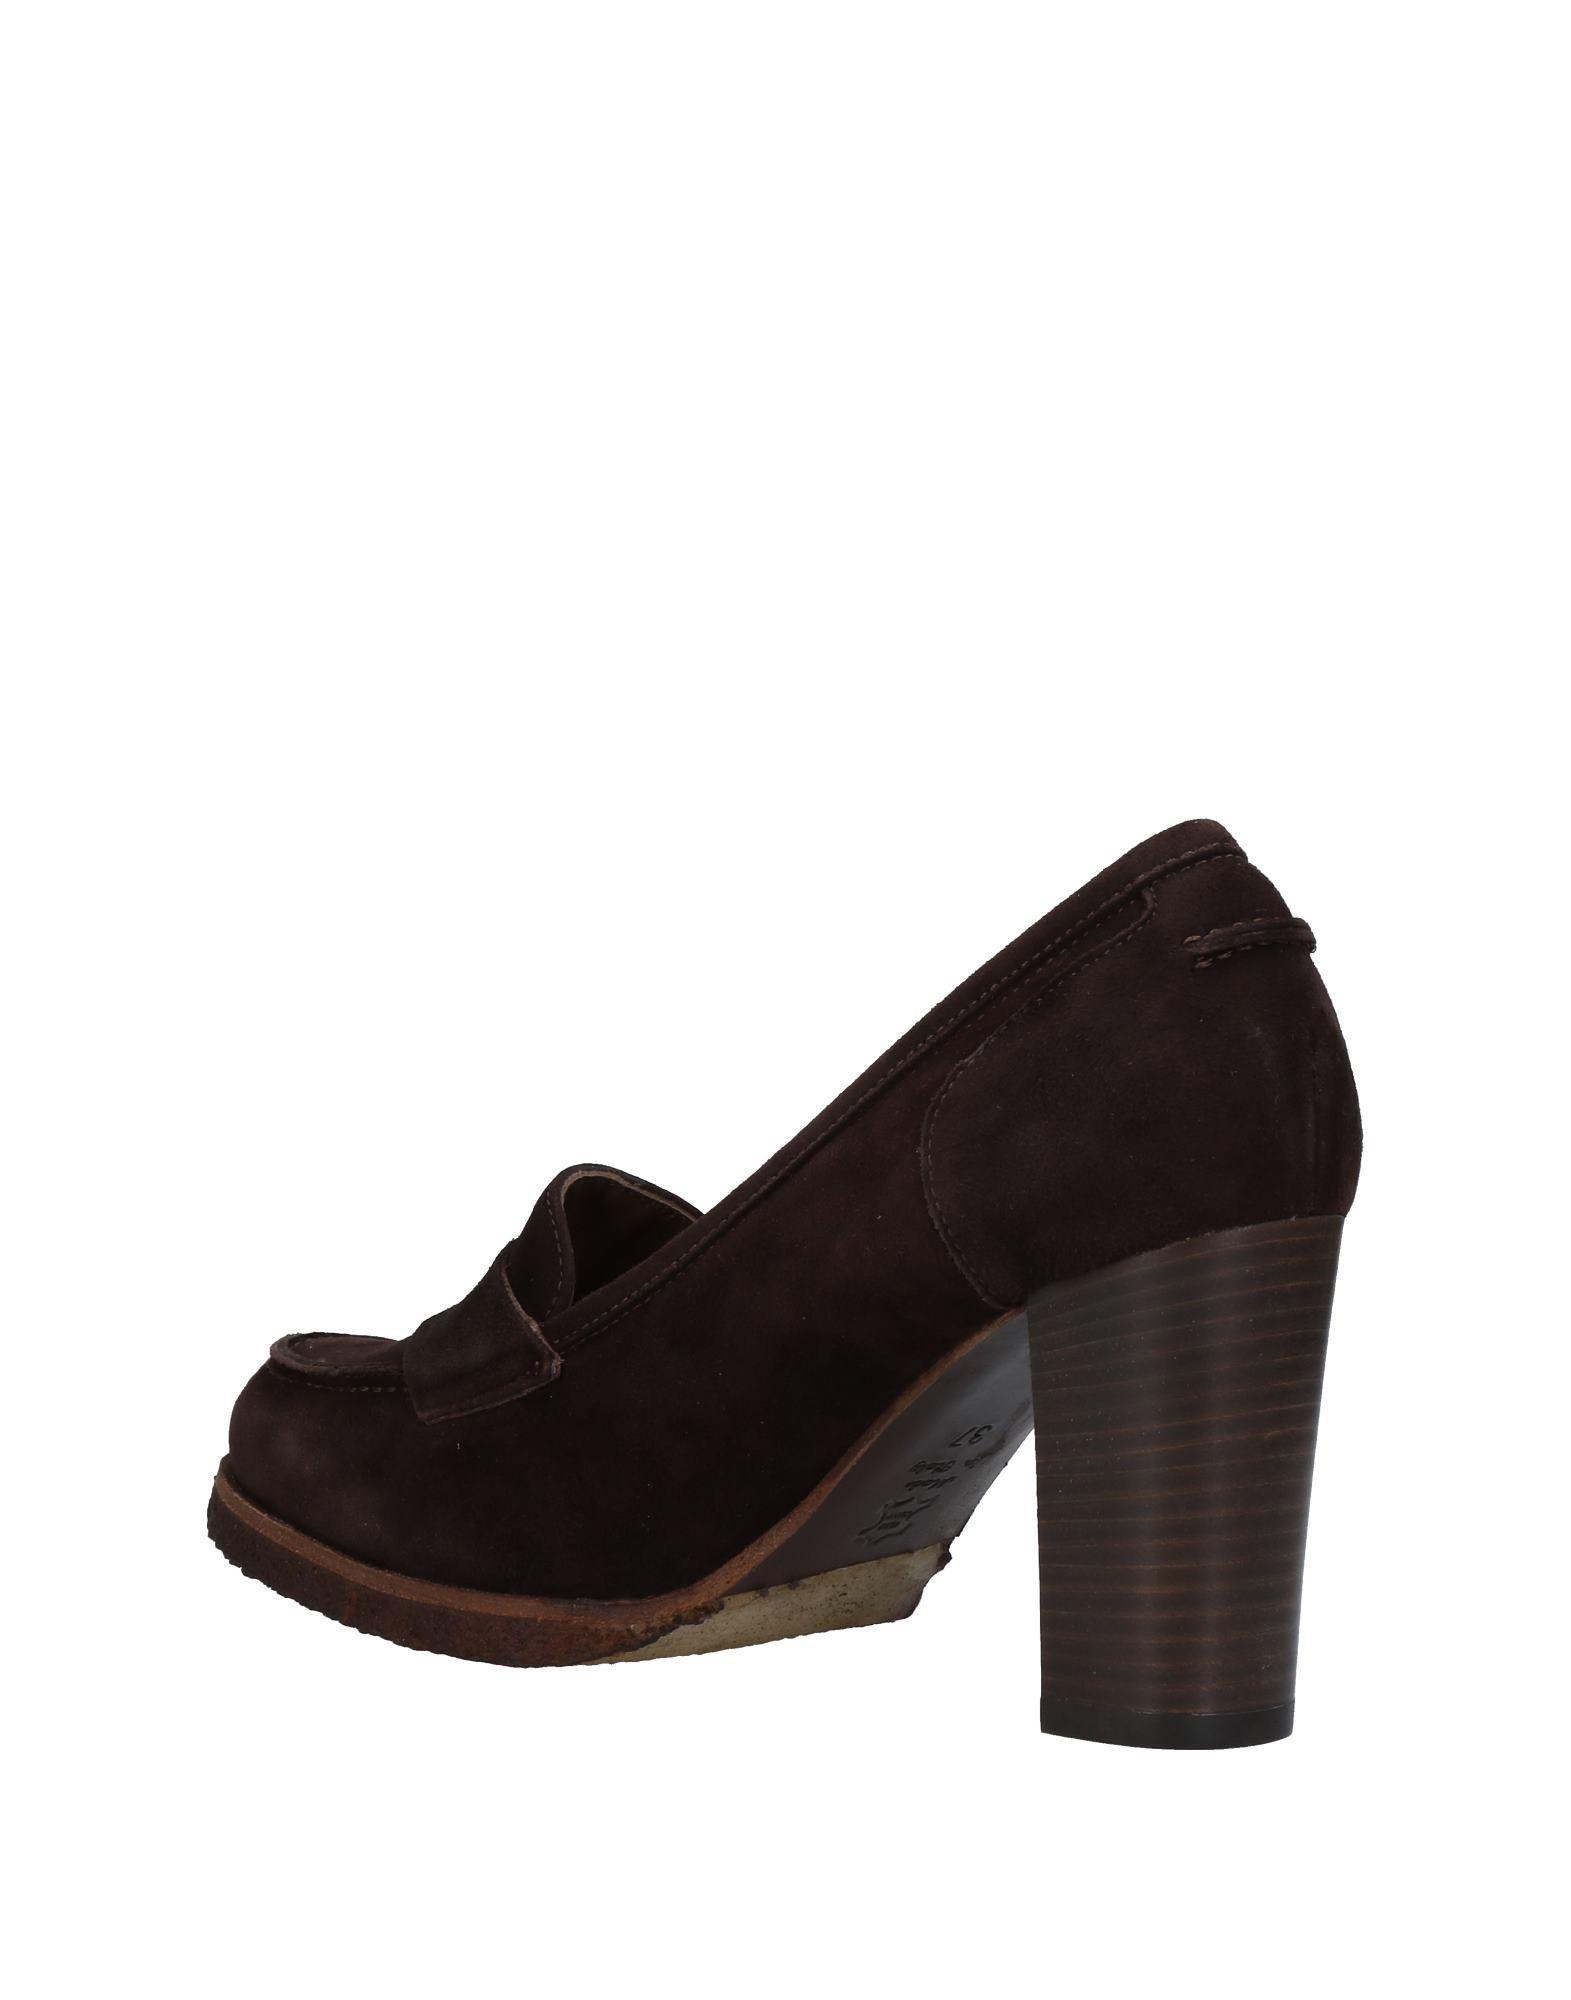 Calpierre Mokassins Gute Damen  11459230AX Gute Mokassins Qualität beliebte Schuhe ffe4f4